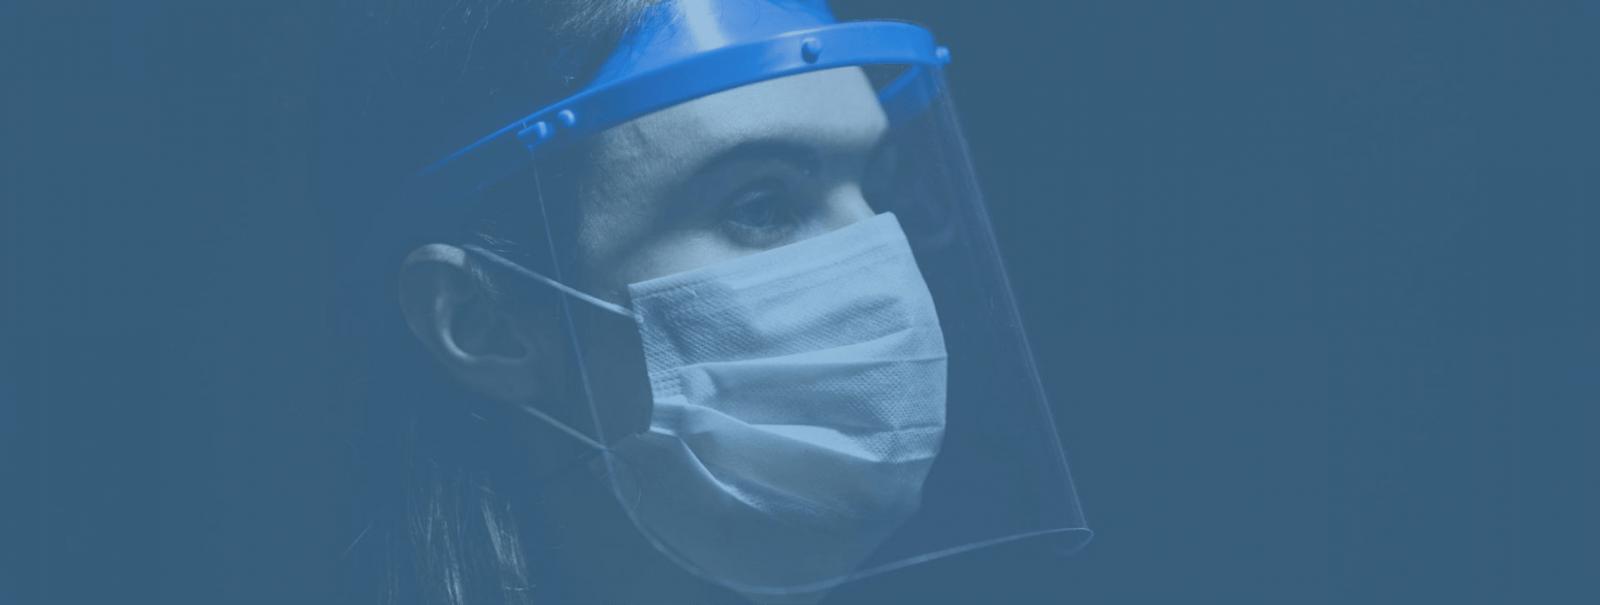 Contaminação do vírus por aerossóis: como manter os ambientes com o ar descontaminado e seguro para todos?